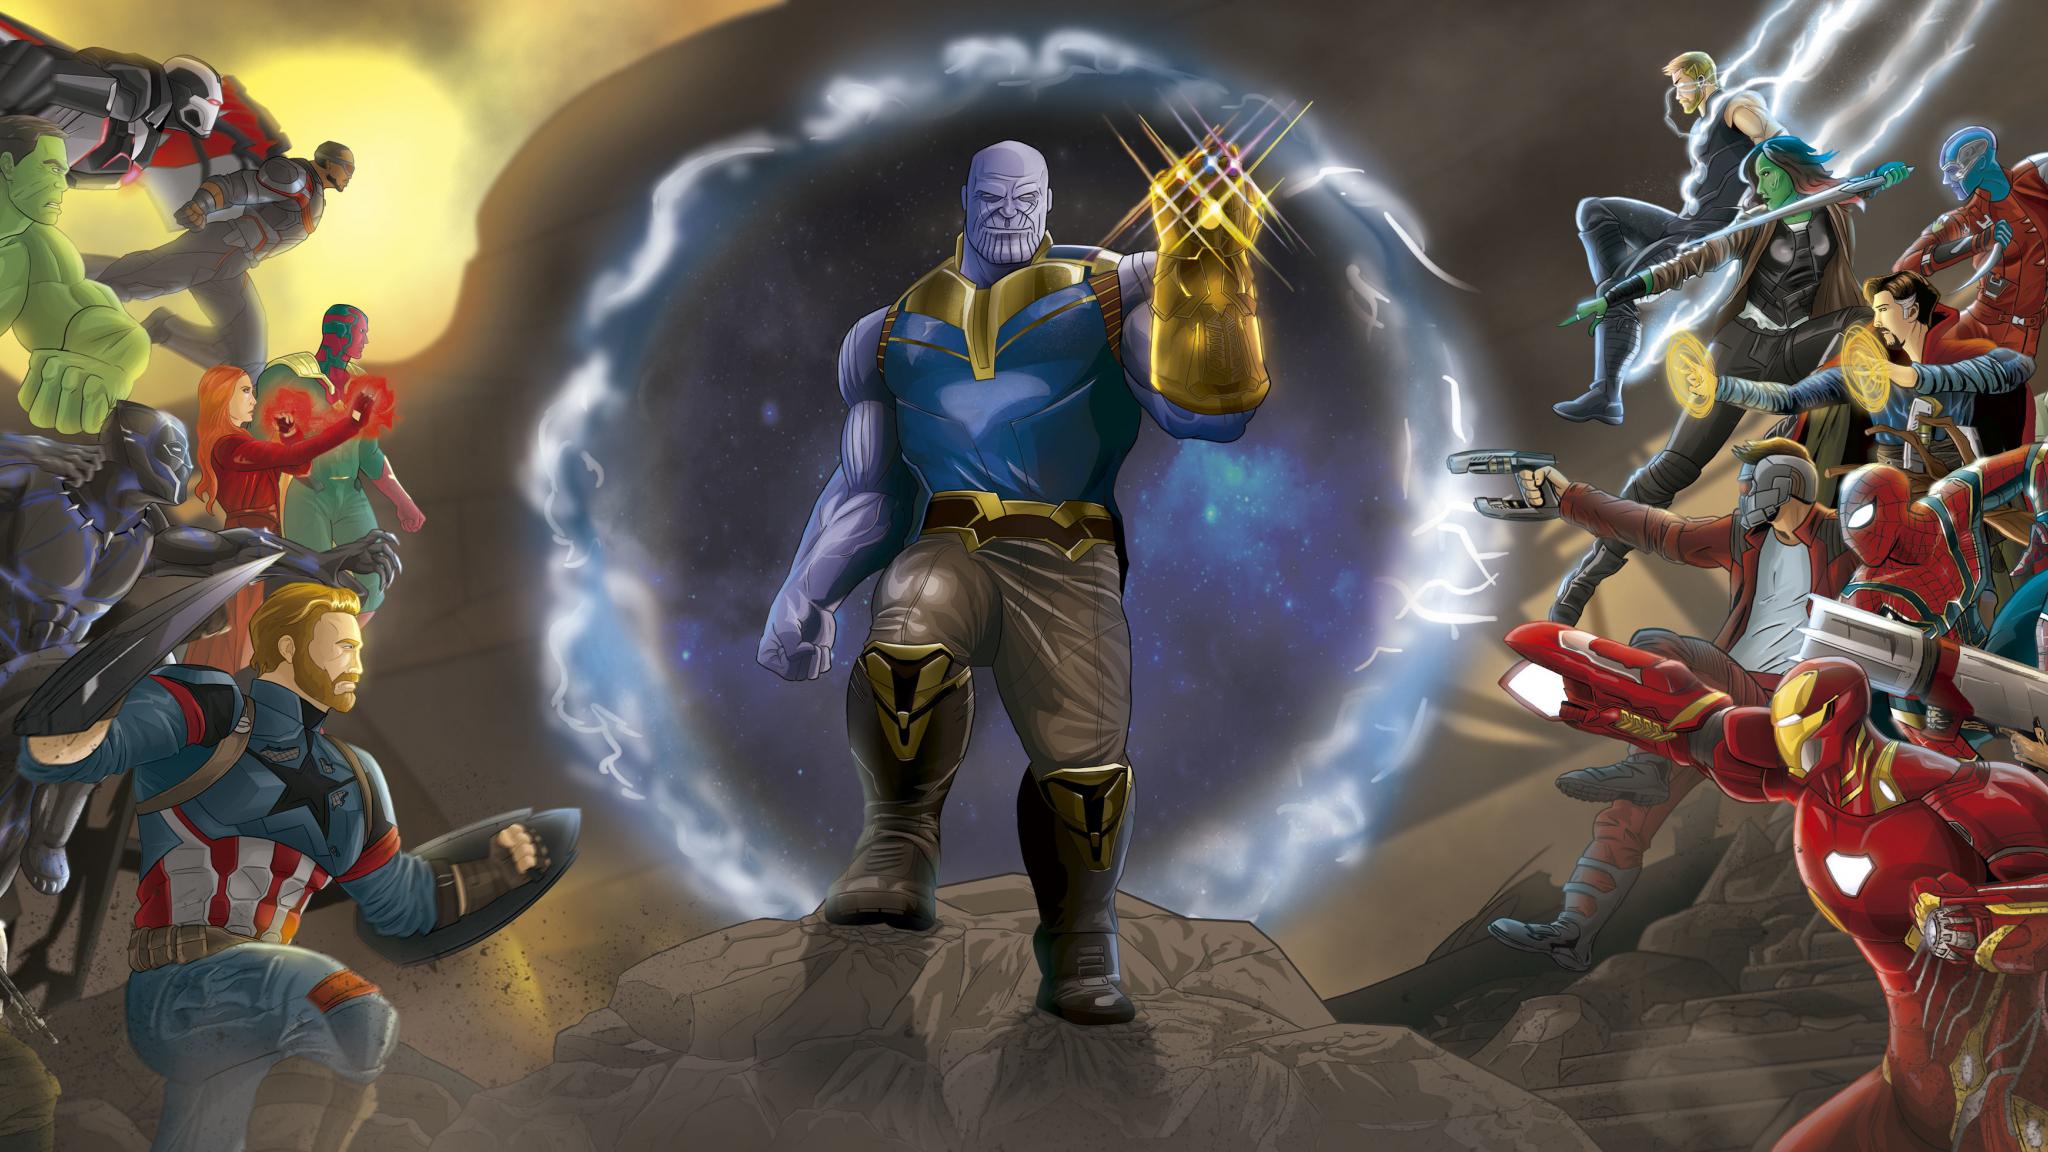 Pubg Fan Art 5k Wallpapers: Download 2048x1152 Wallpaper Marvel, Avengers: Infinity